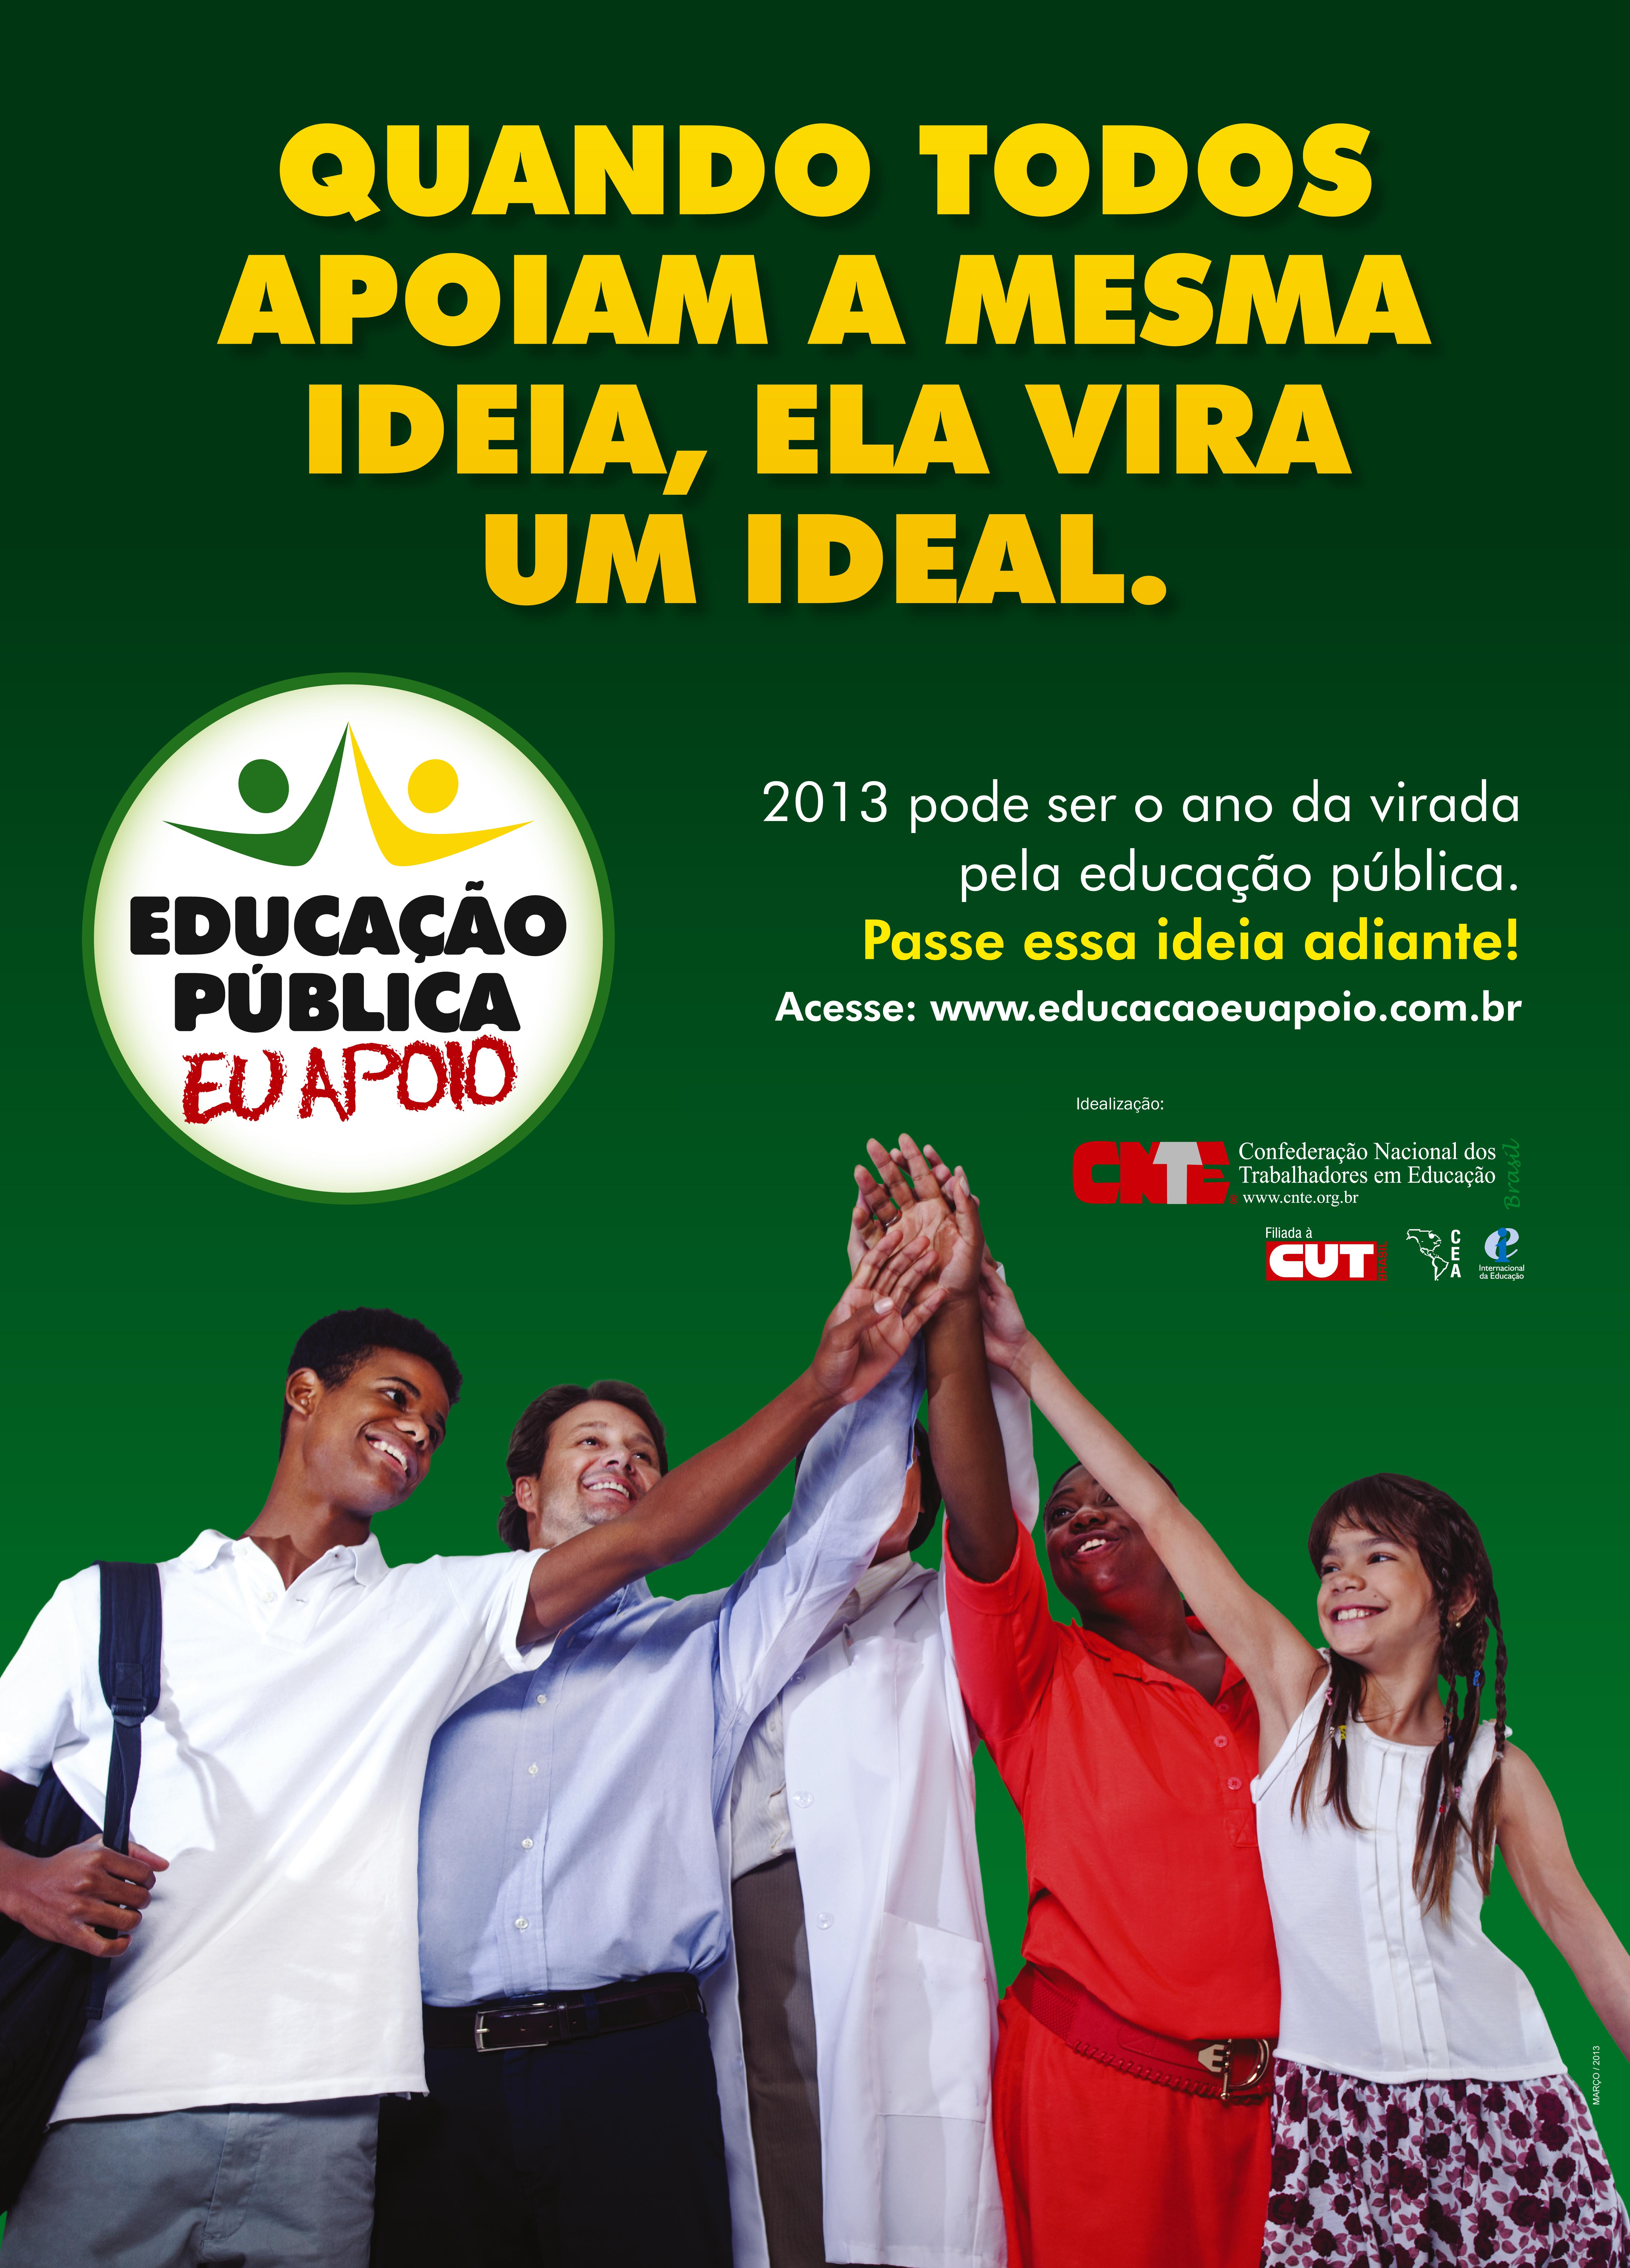 Apoie a educação pública: envie seu vídeo